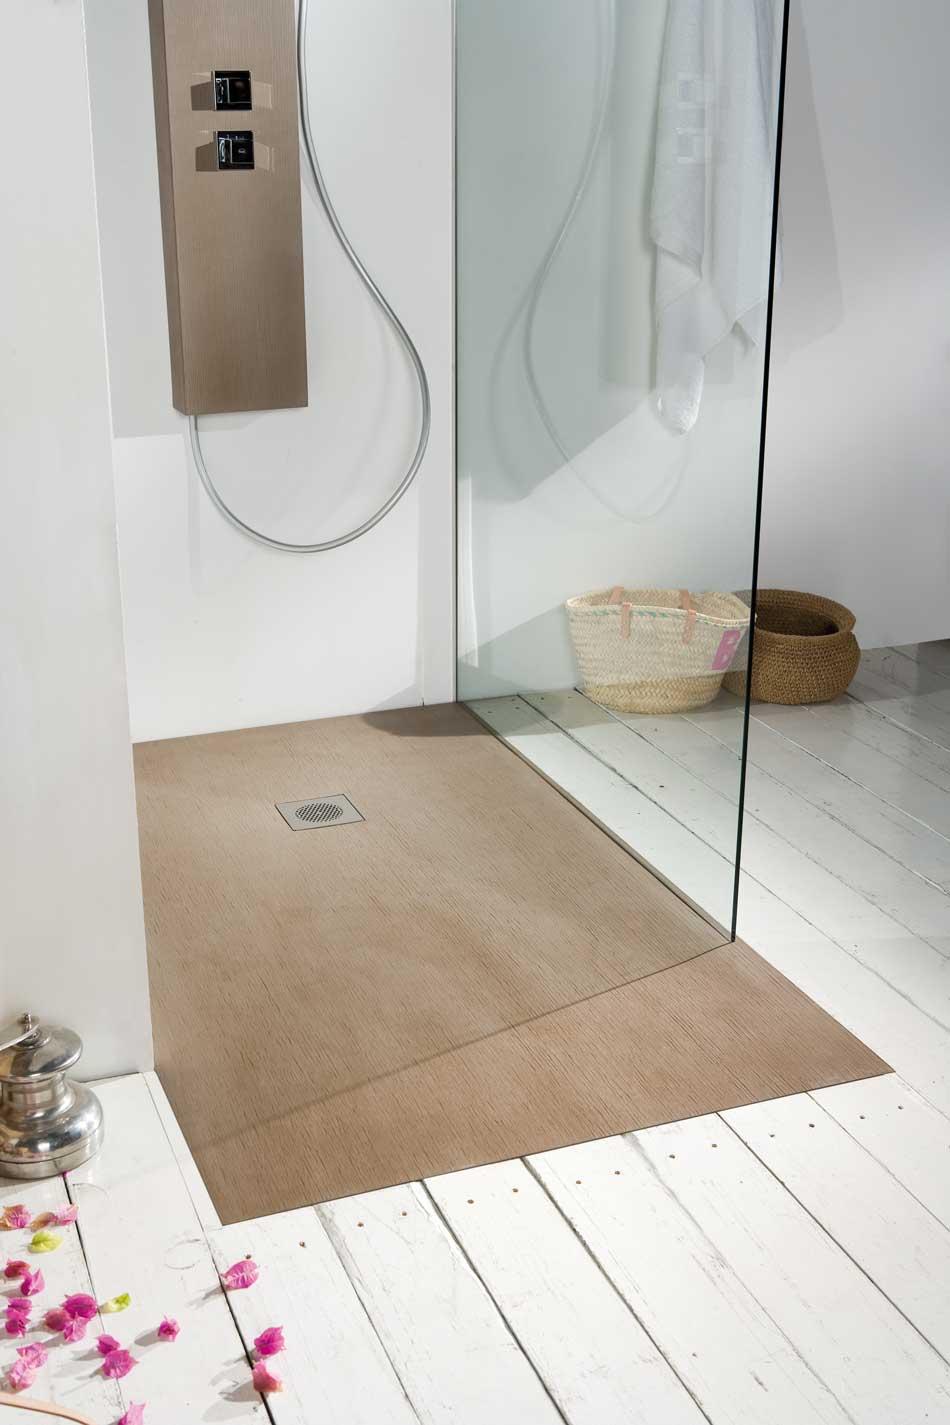 Plato de ducha que imita la madera en baño blanco.